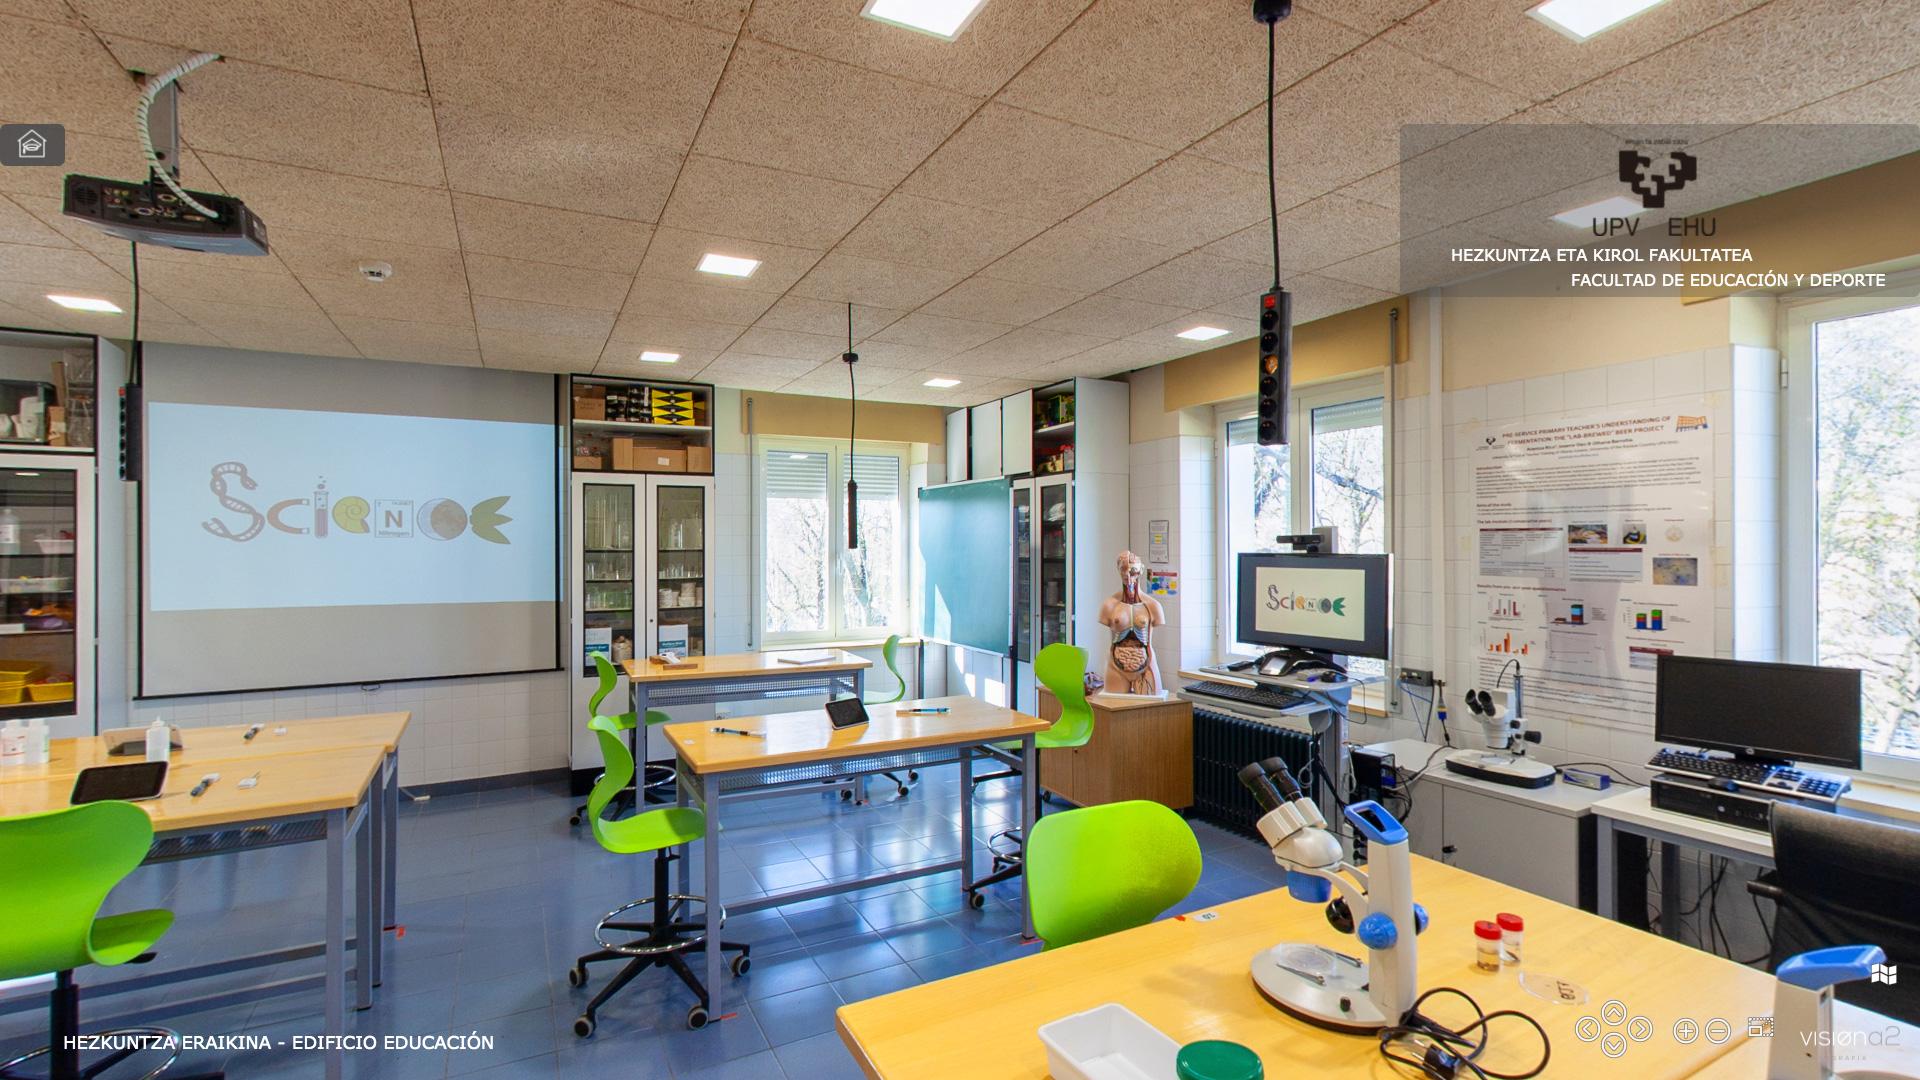 Visita Virtual 360º - Facultad de Educación y Deporte - UPV-EHU. Edificio Educación